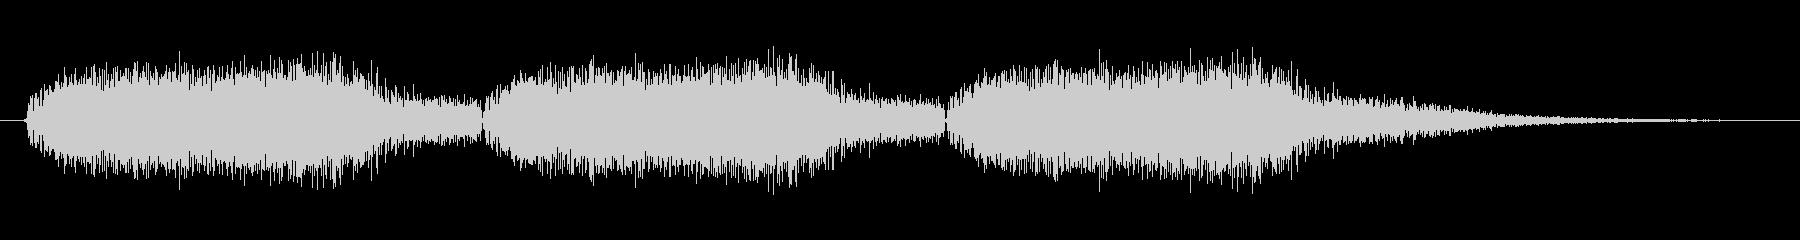 警報の音3回 強烈なブザー/サイレンの未再生の波形